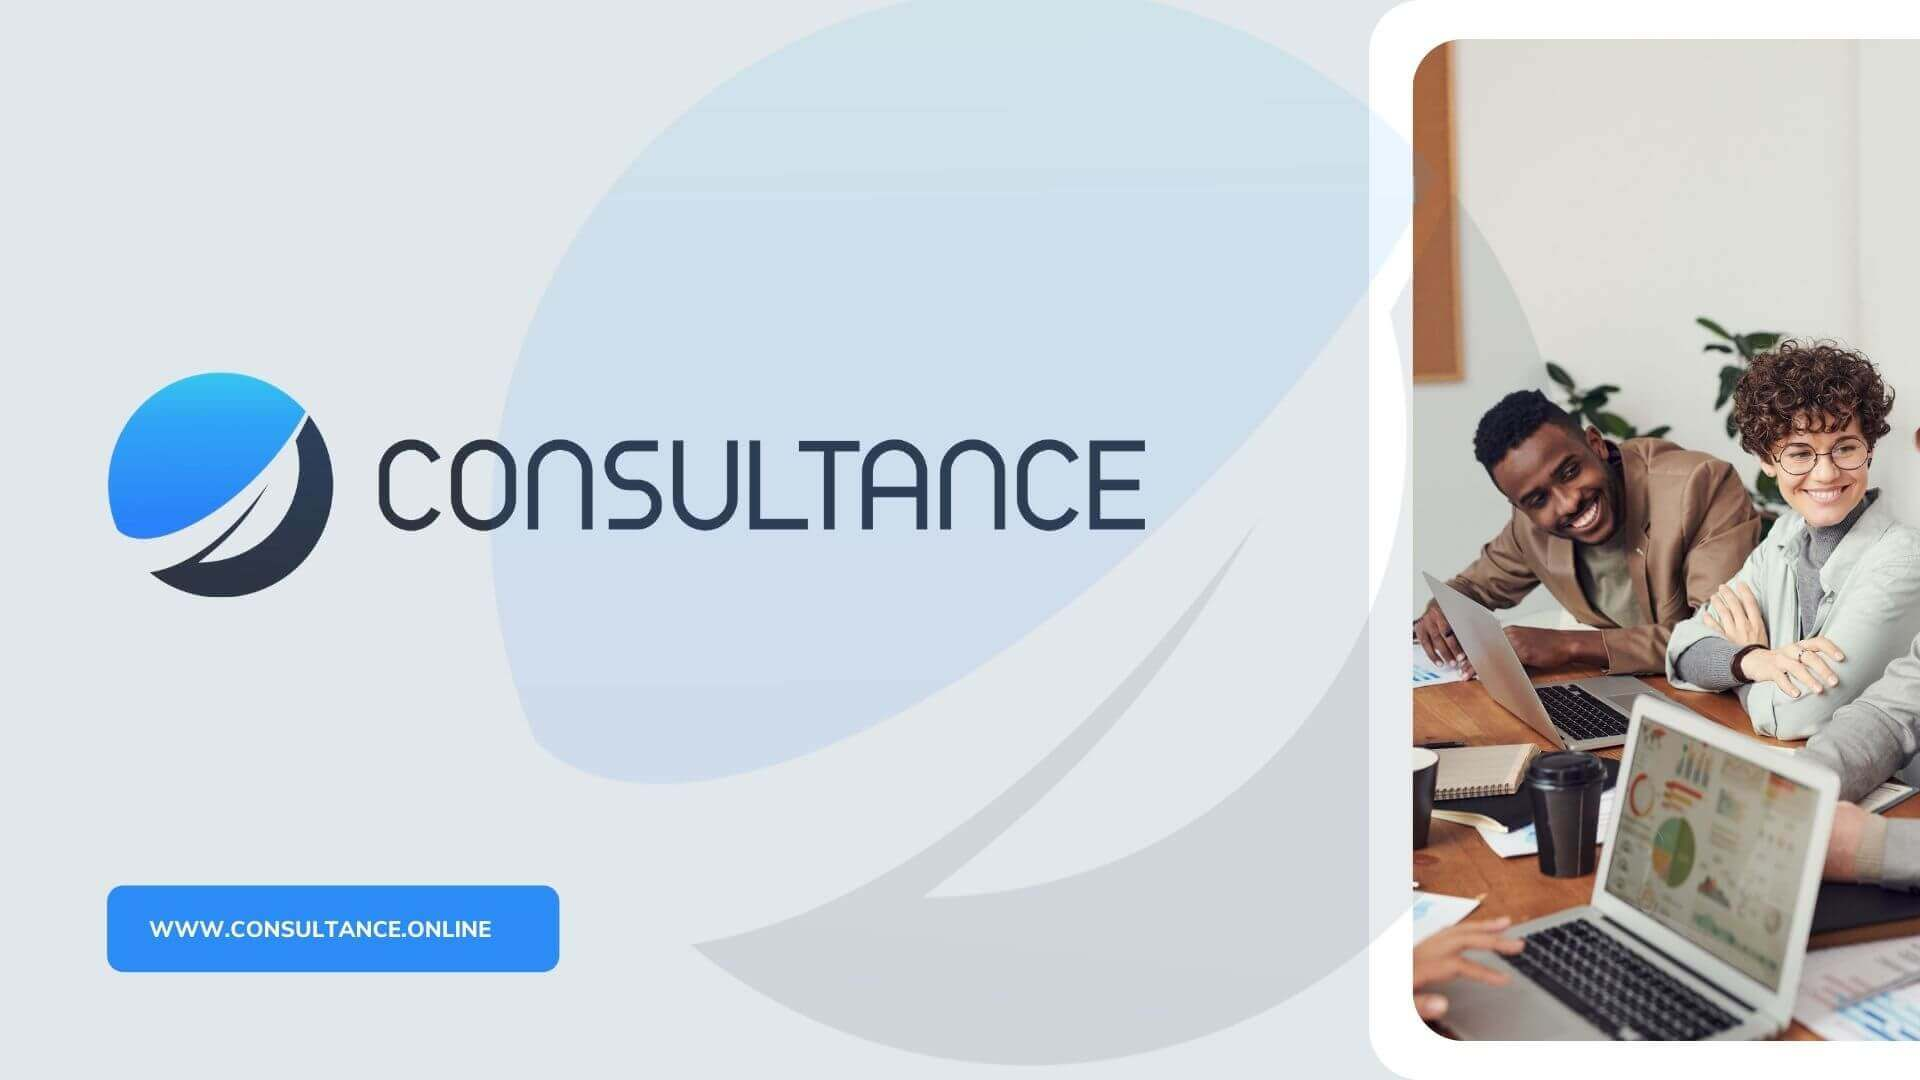 Company Profile Consultance